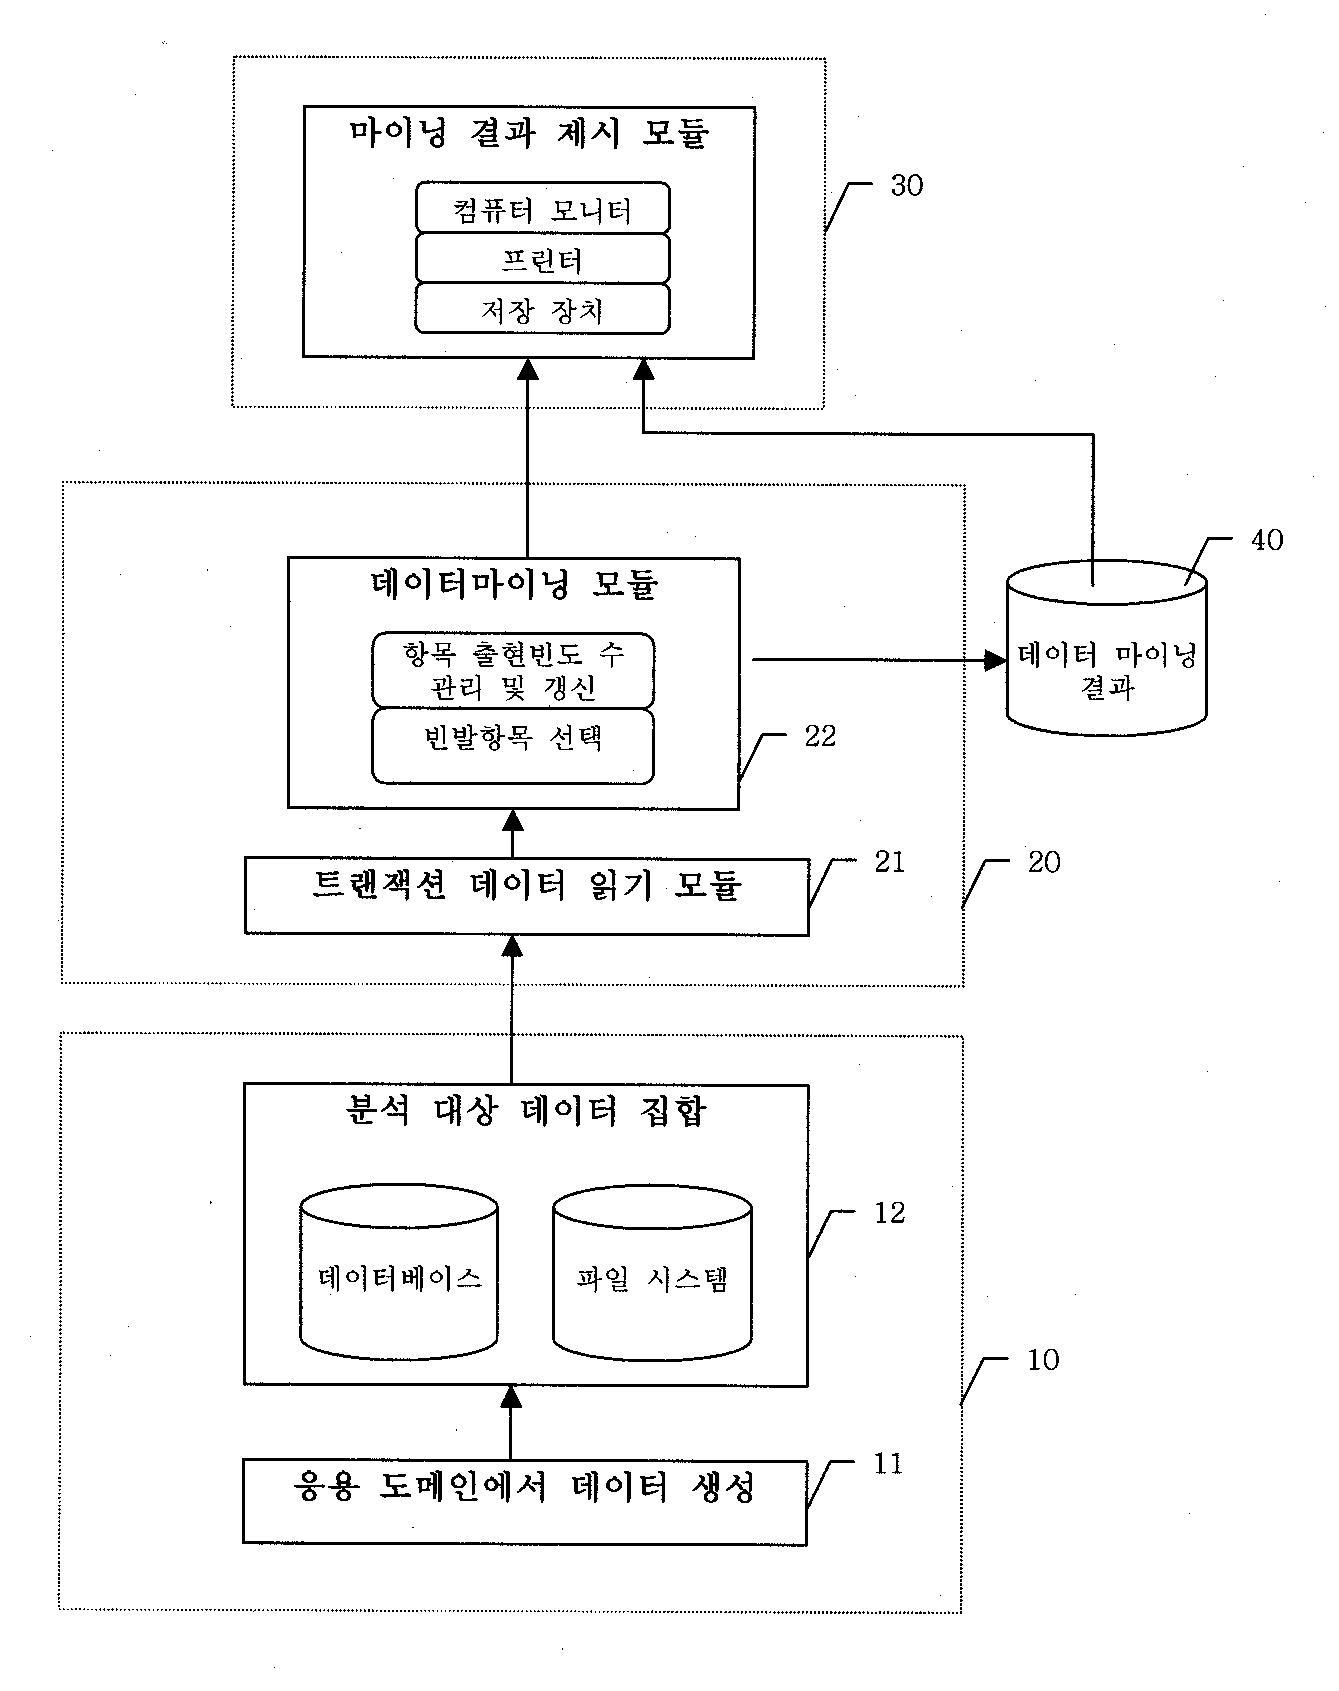 데이터 마이닝 시스템 및 그 방법(Data Mining Method and Data Mining System)